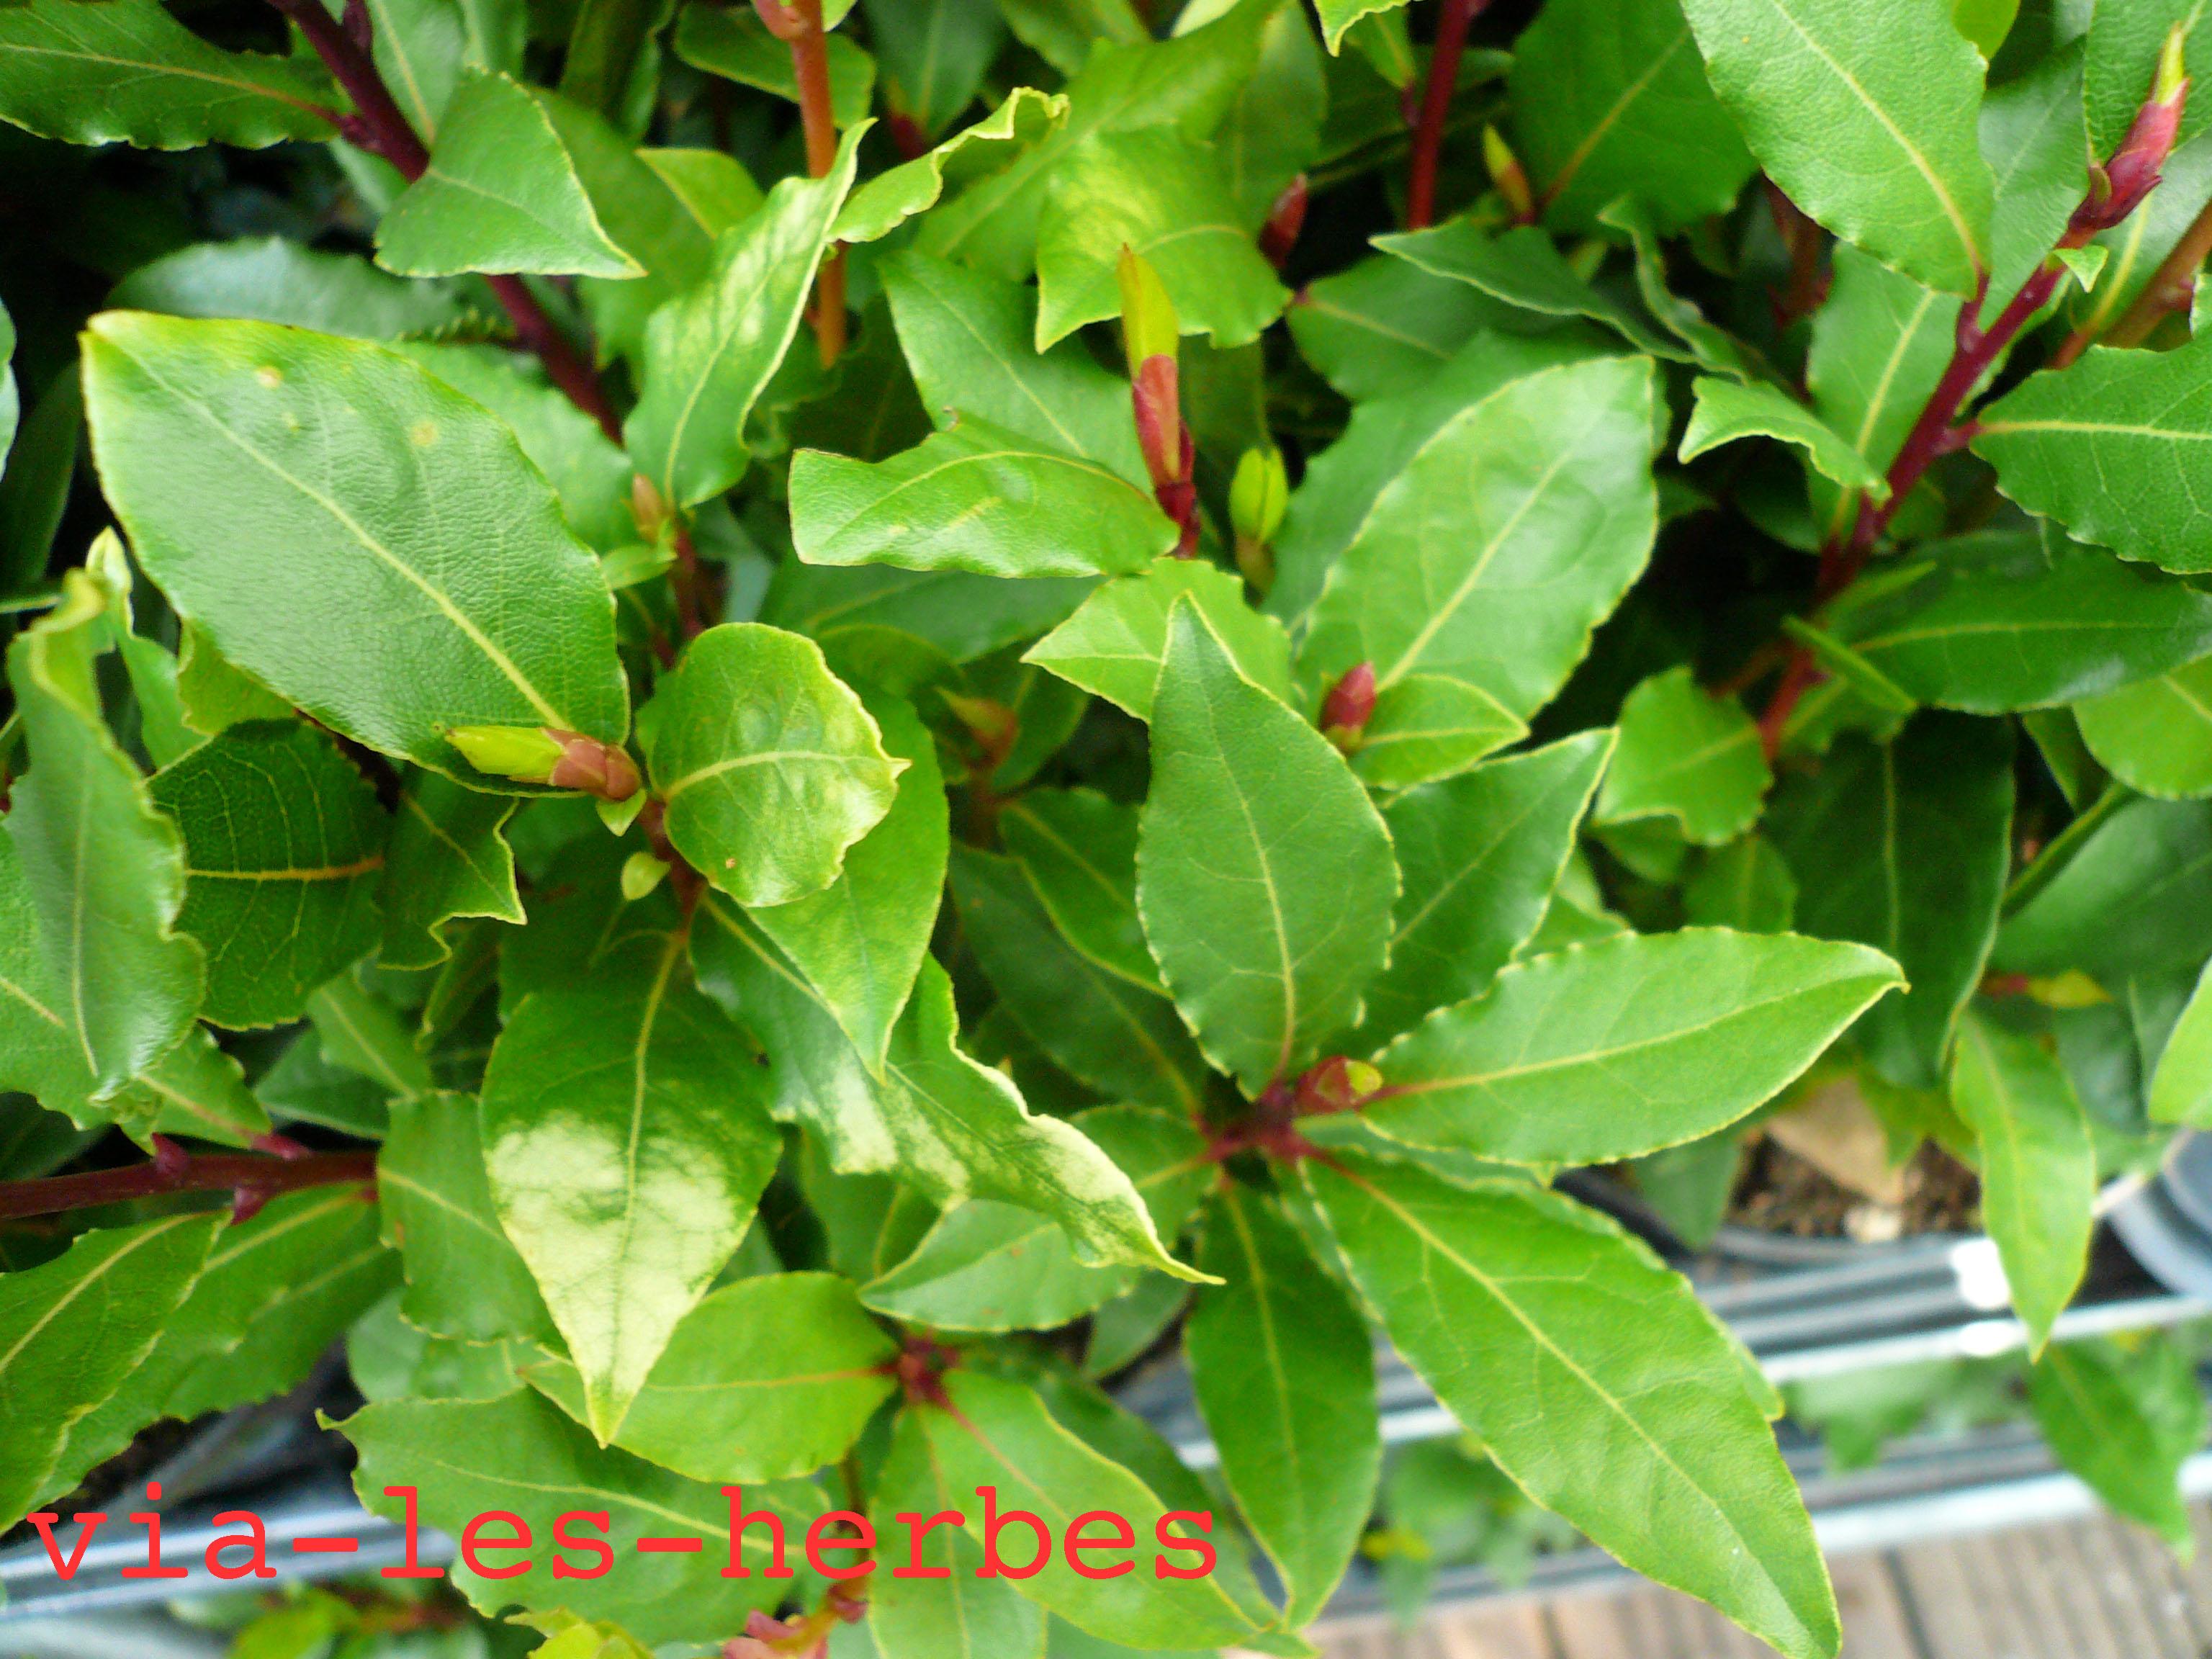 Le laurier rose plante tr s toxique via les herbes - Laurier rose feuilles seches ...